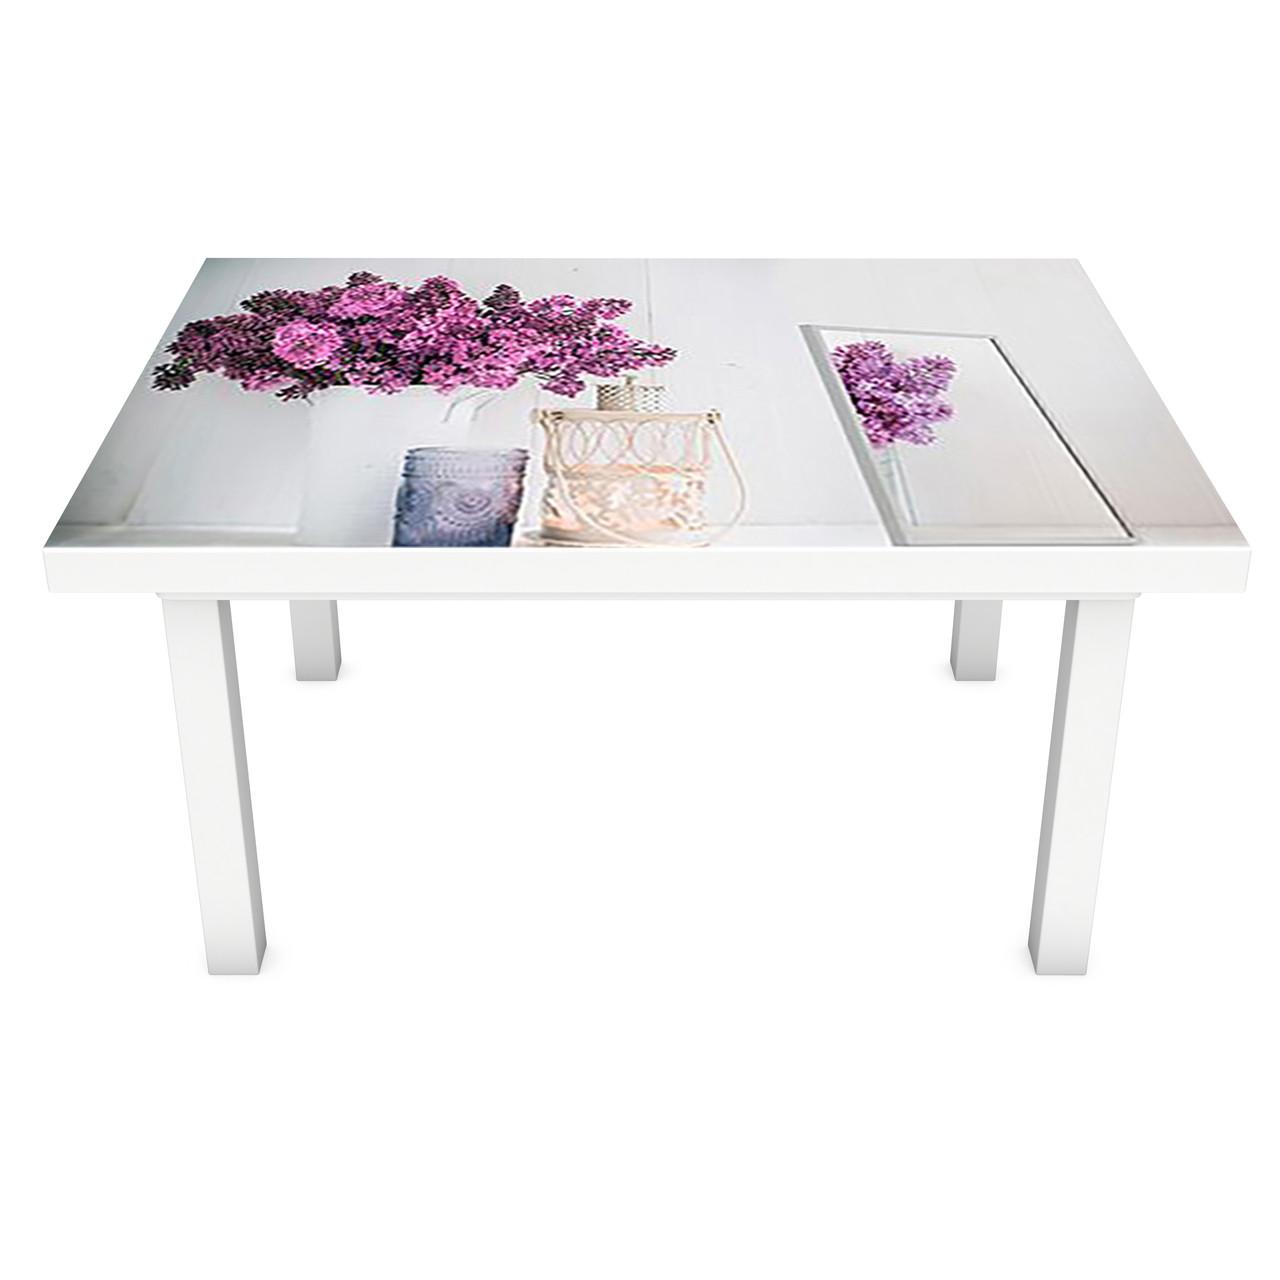 Наклейка на стол Сирень в ведре ПВХ интерьерная пленка для мебели букеты цветы Серый 600*1200 мм